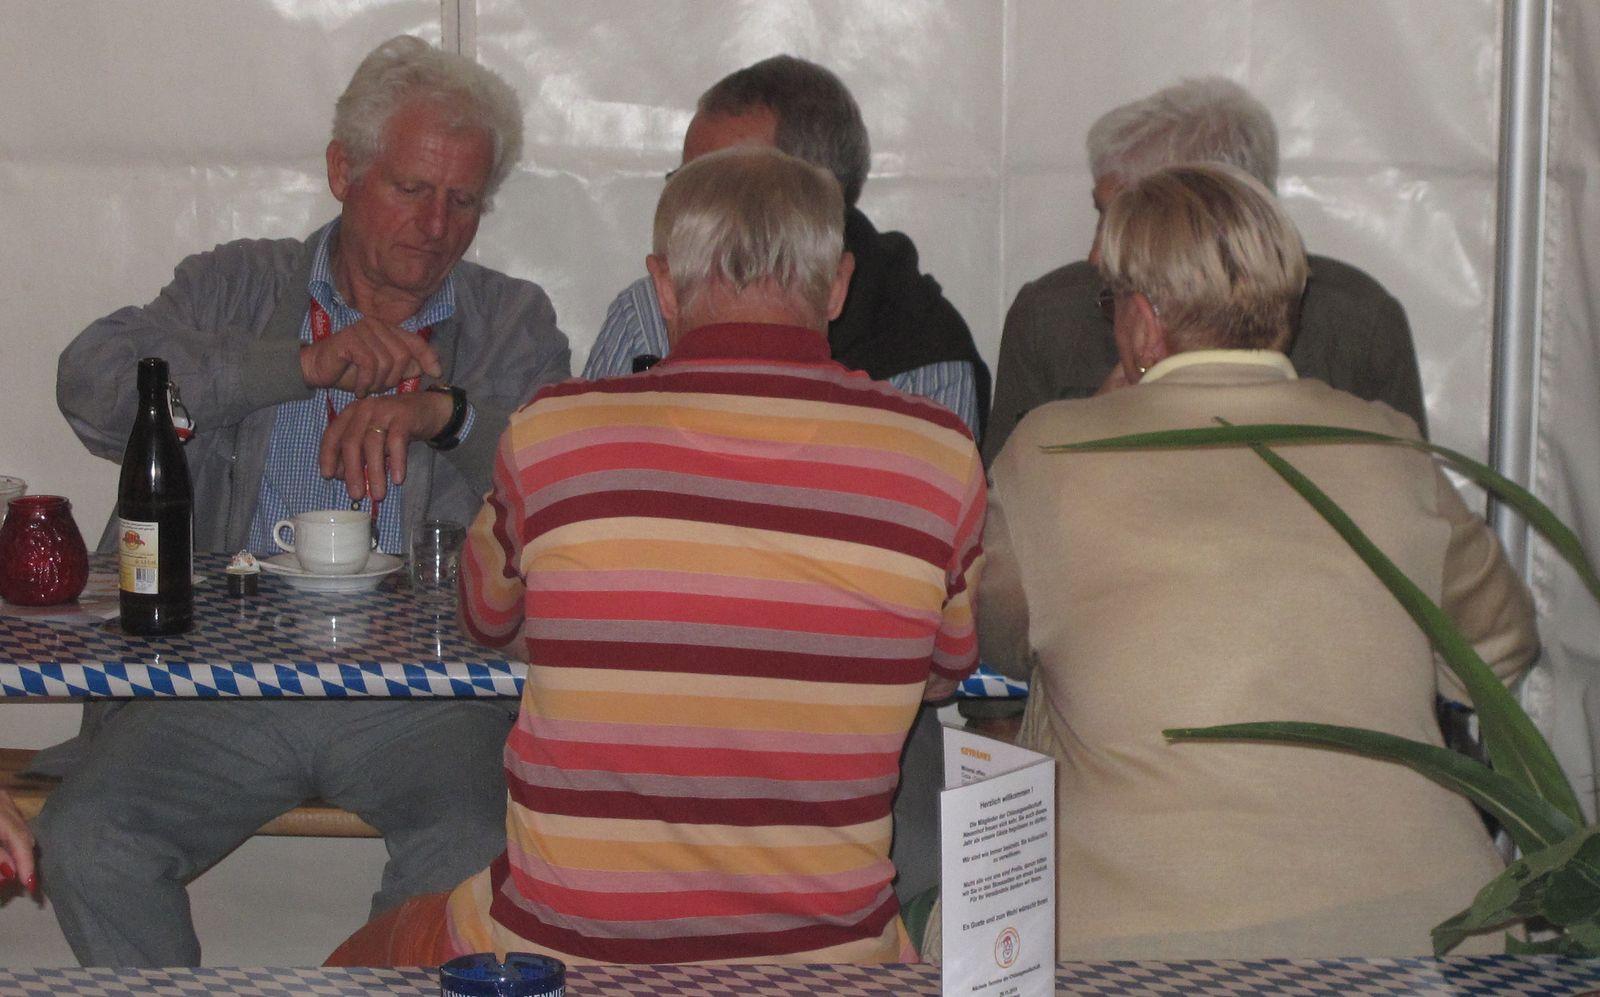 Dorffest 2015 - Chlausgesellschaft Neuenhof (38)